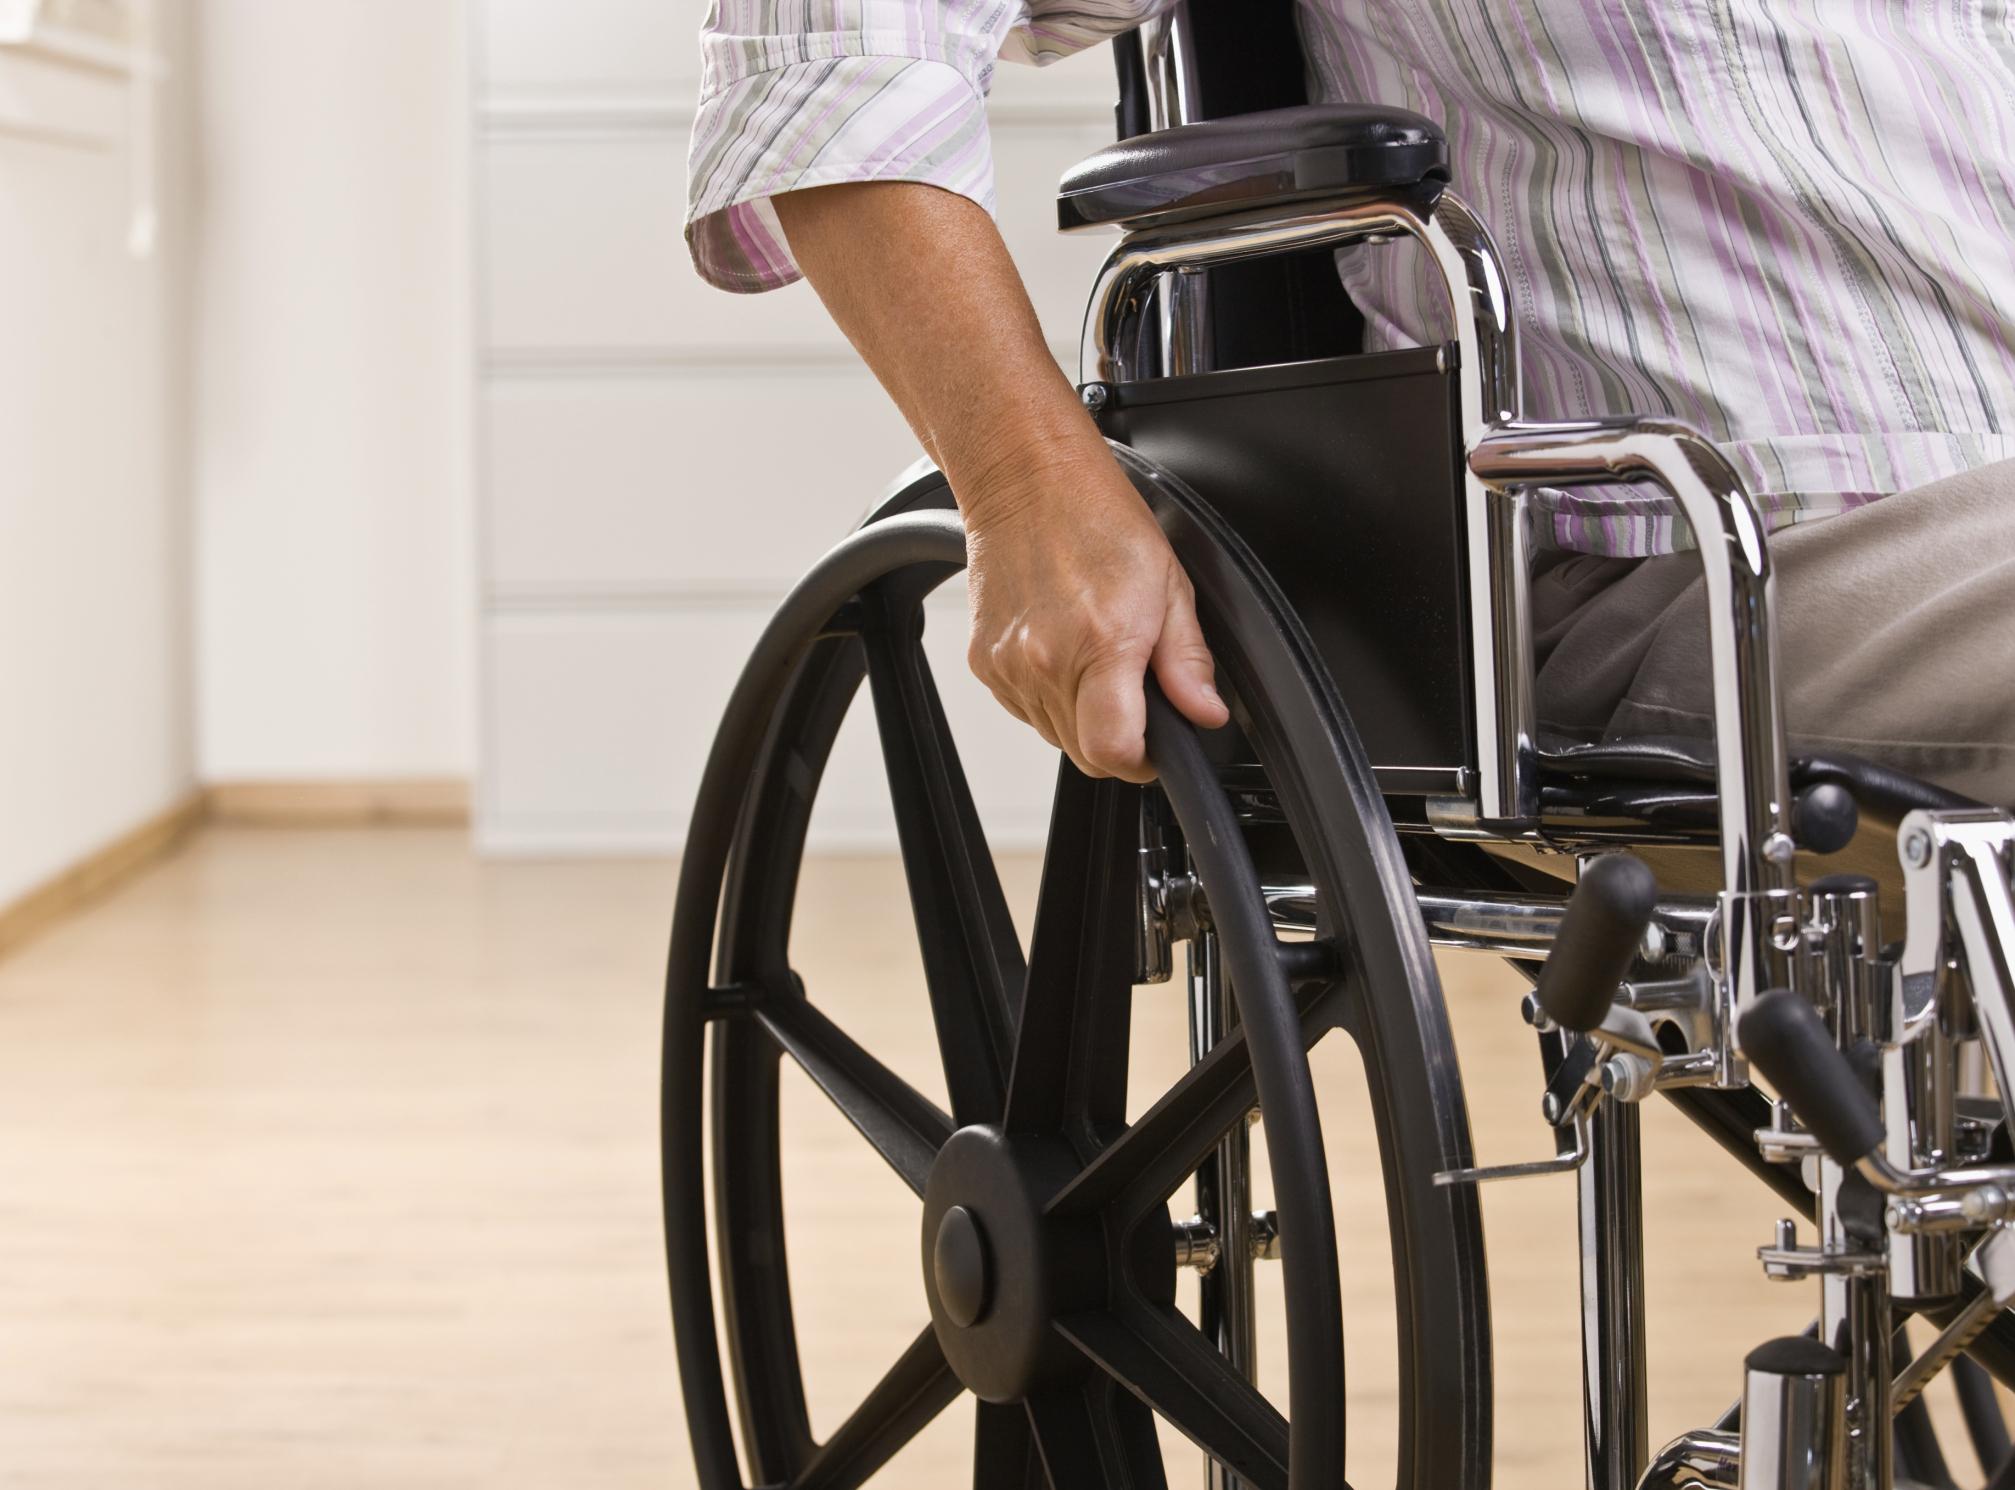 Смотреть как заниматься сексом инвалидам колясочникам 20 фотография